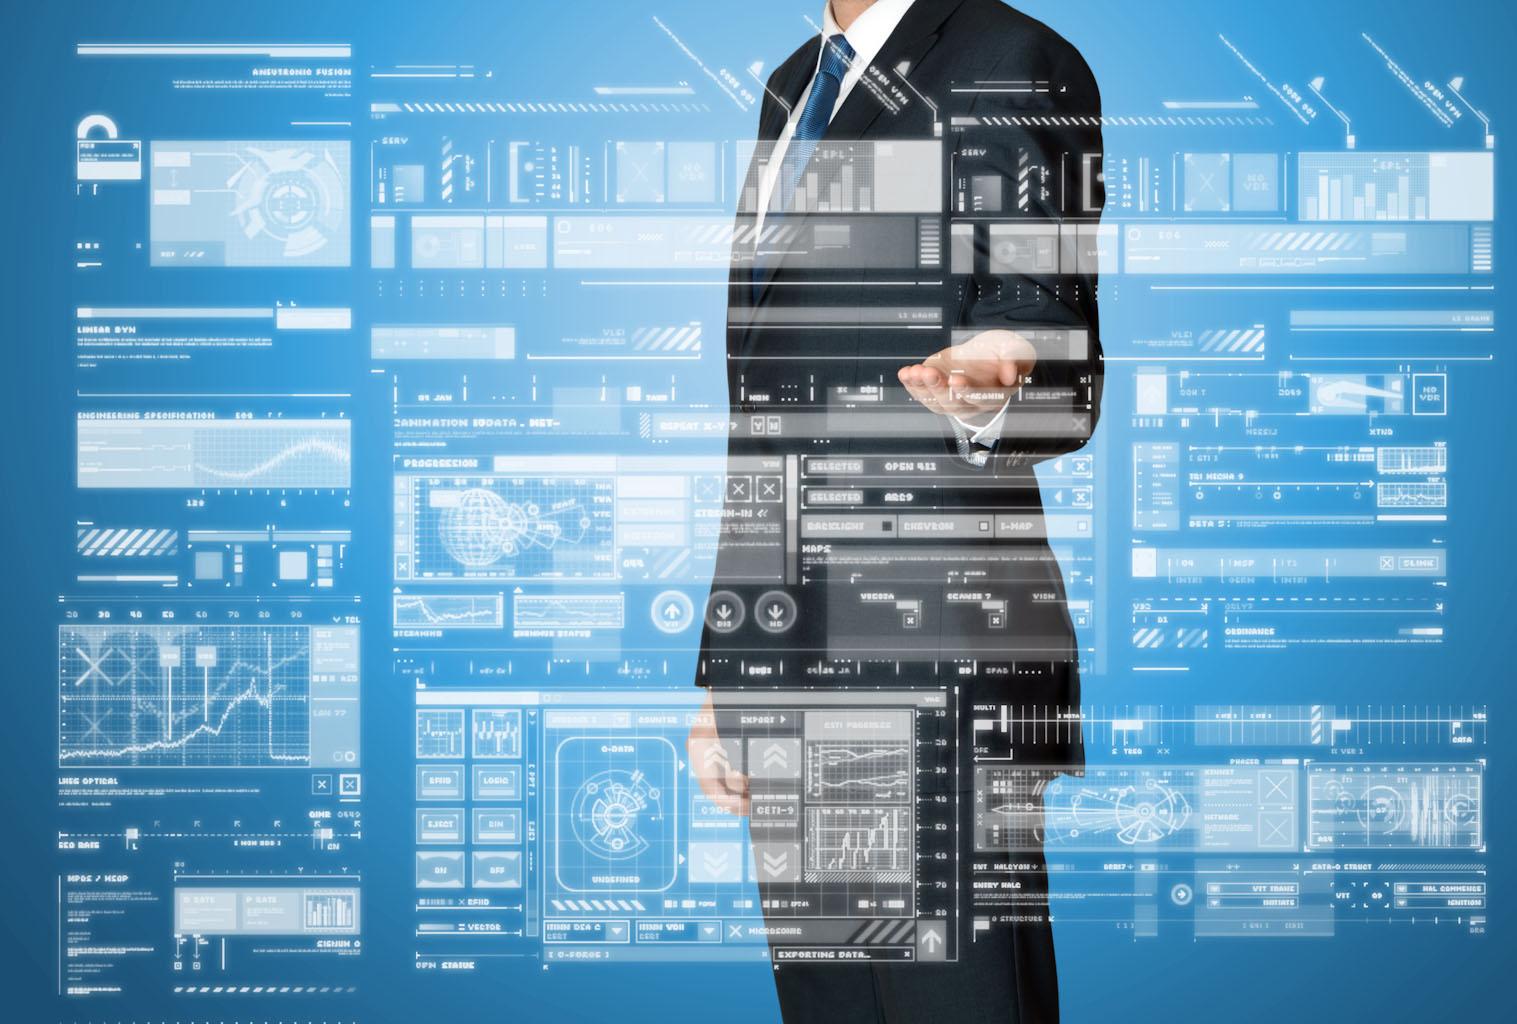 Người đàn ông trên nền công nghệ thông tin